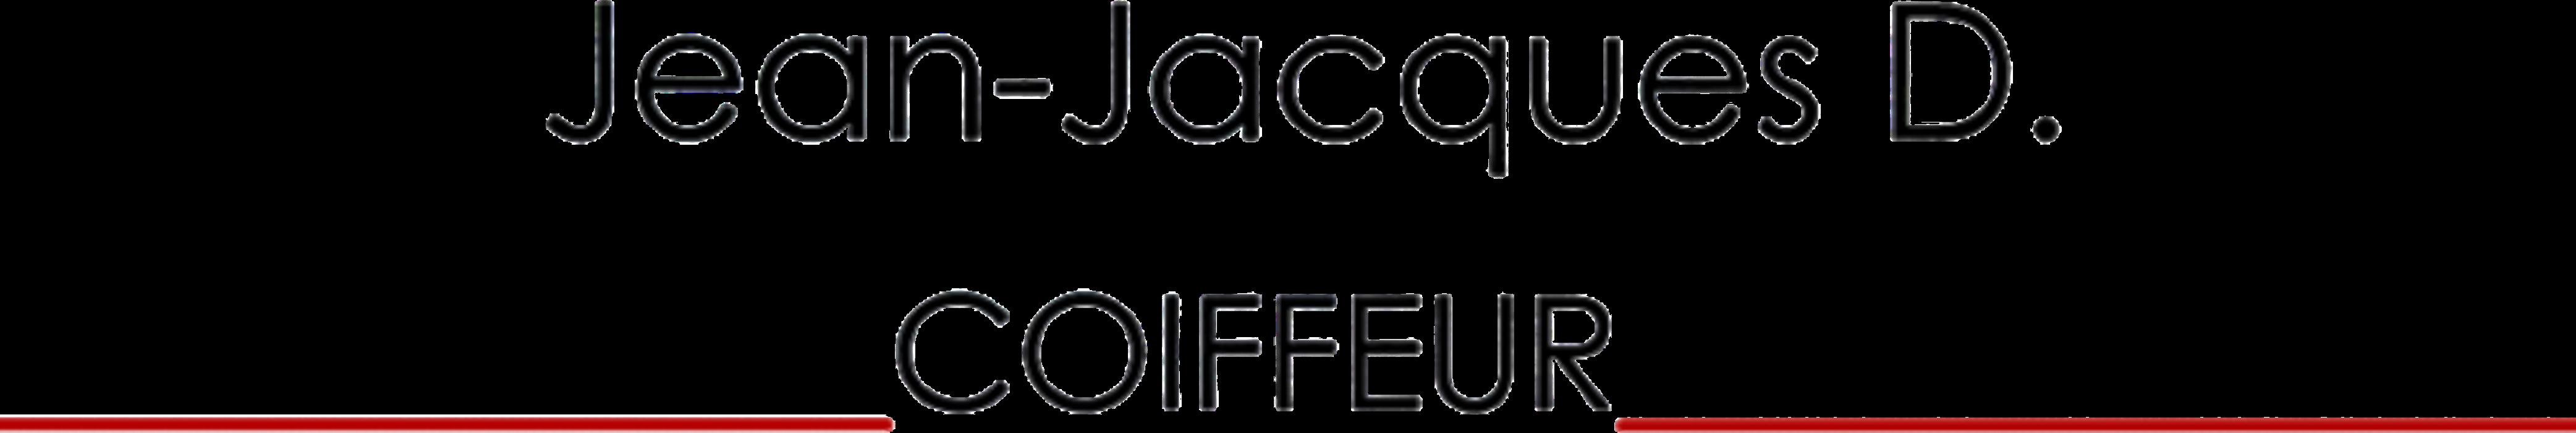 Jean-Jacques D. Coiffeur